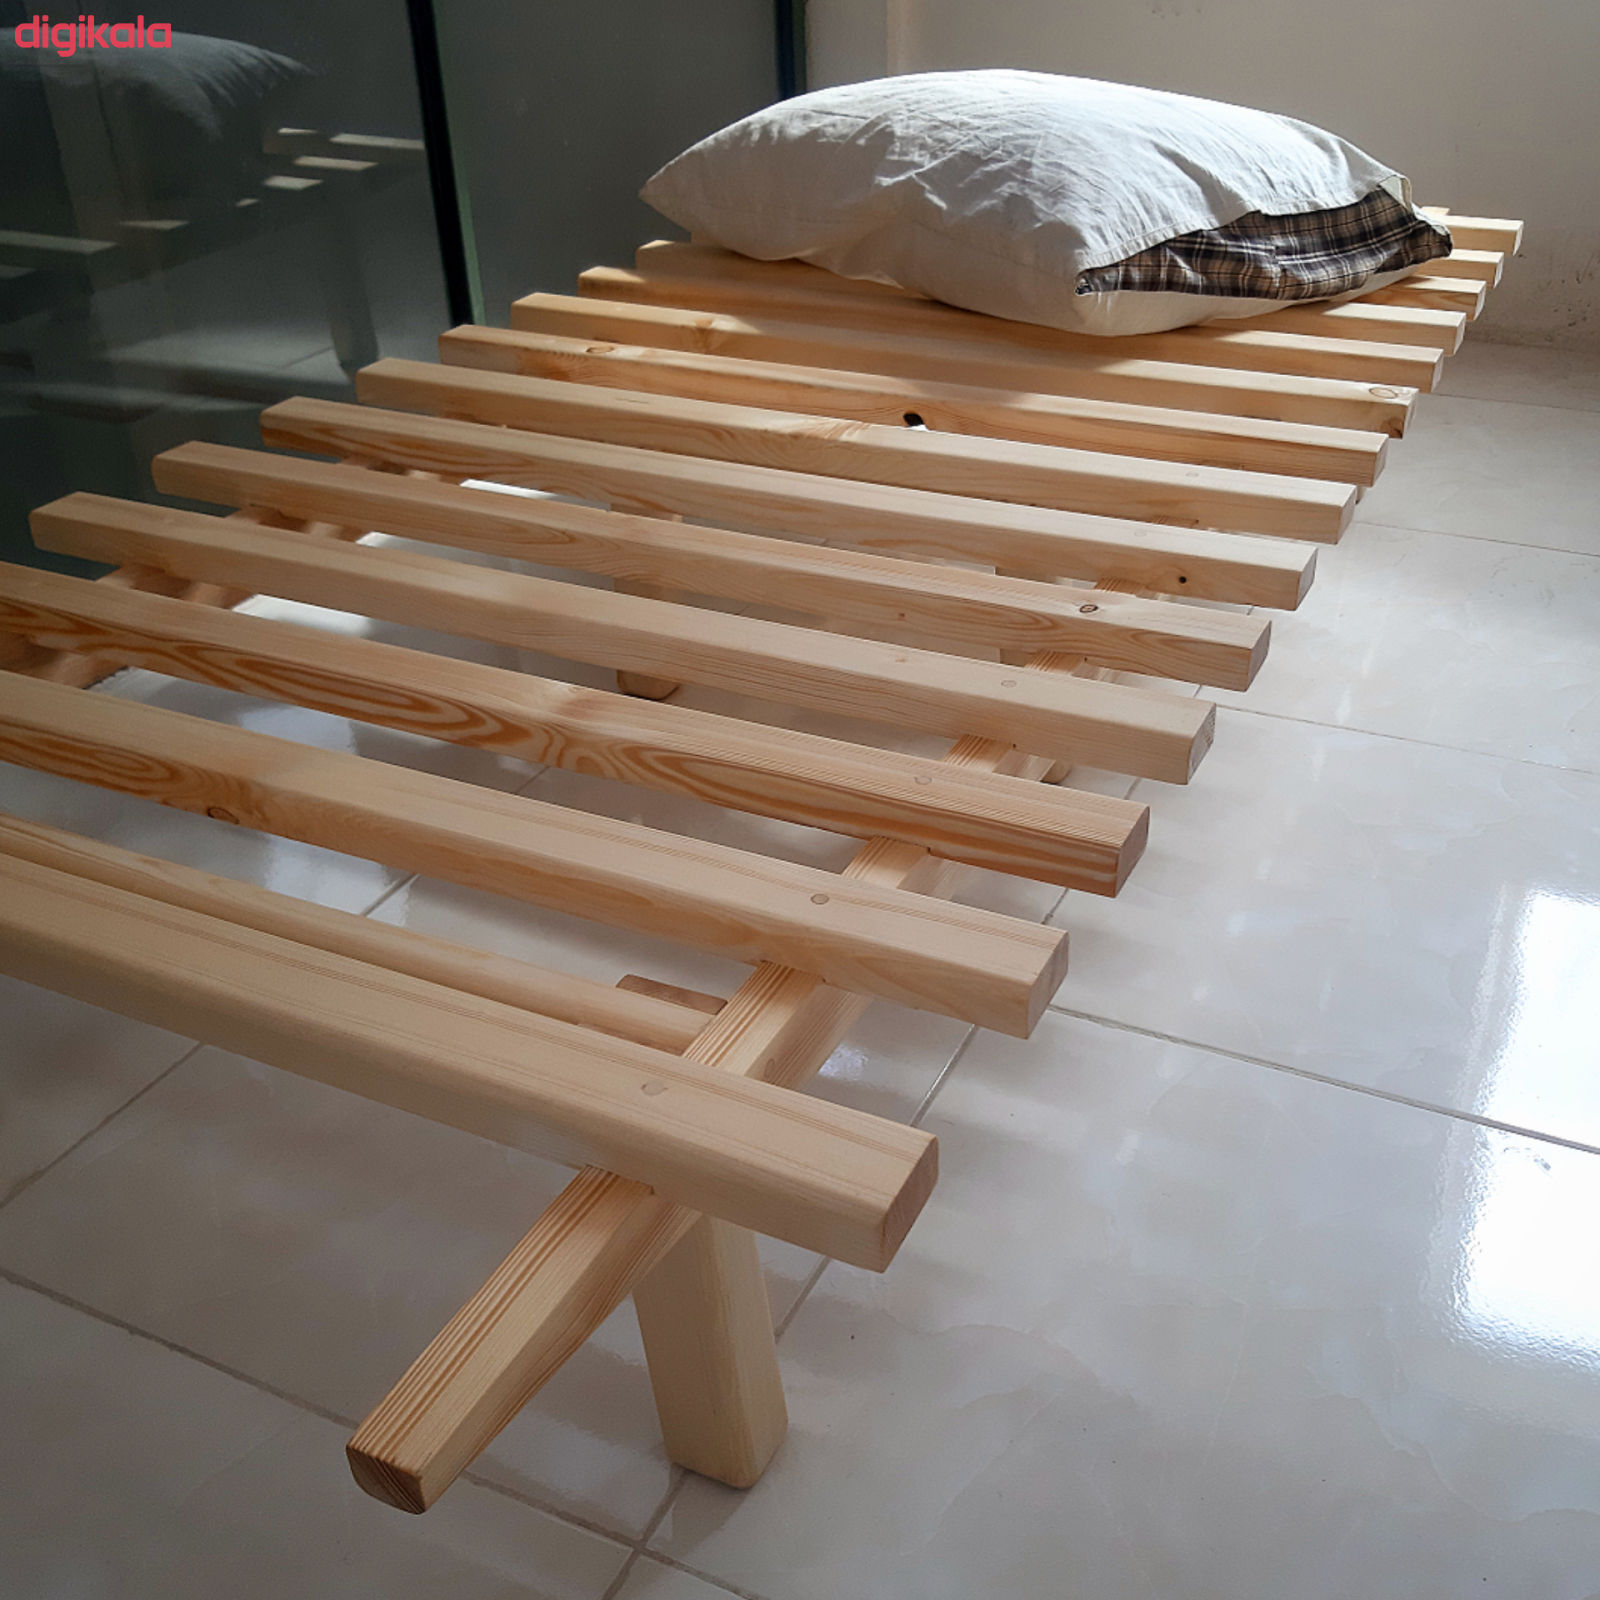 تخت خواب یک نفره مدل مینیمال سایز ۱۹۸ × ۹۰ سانتی متر main 1 2